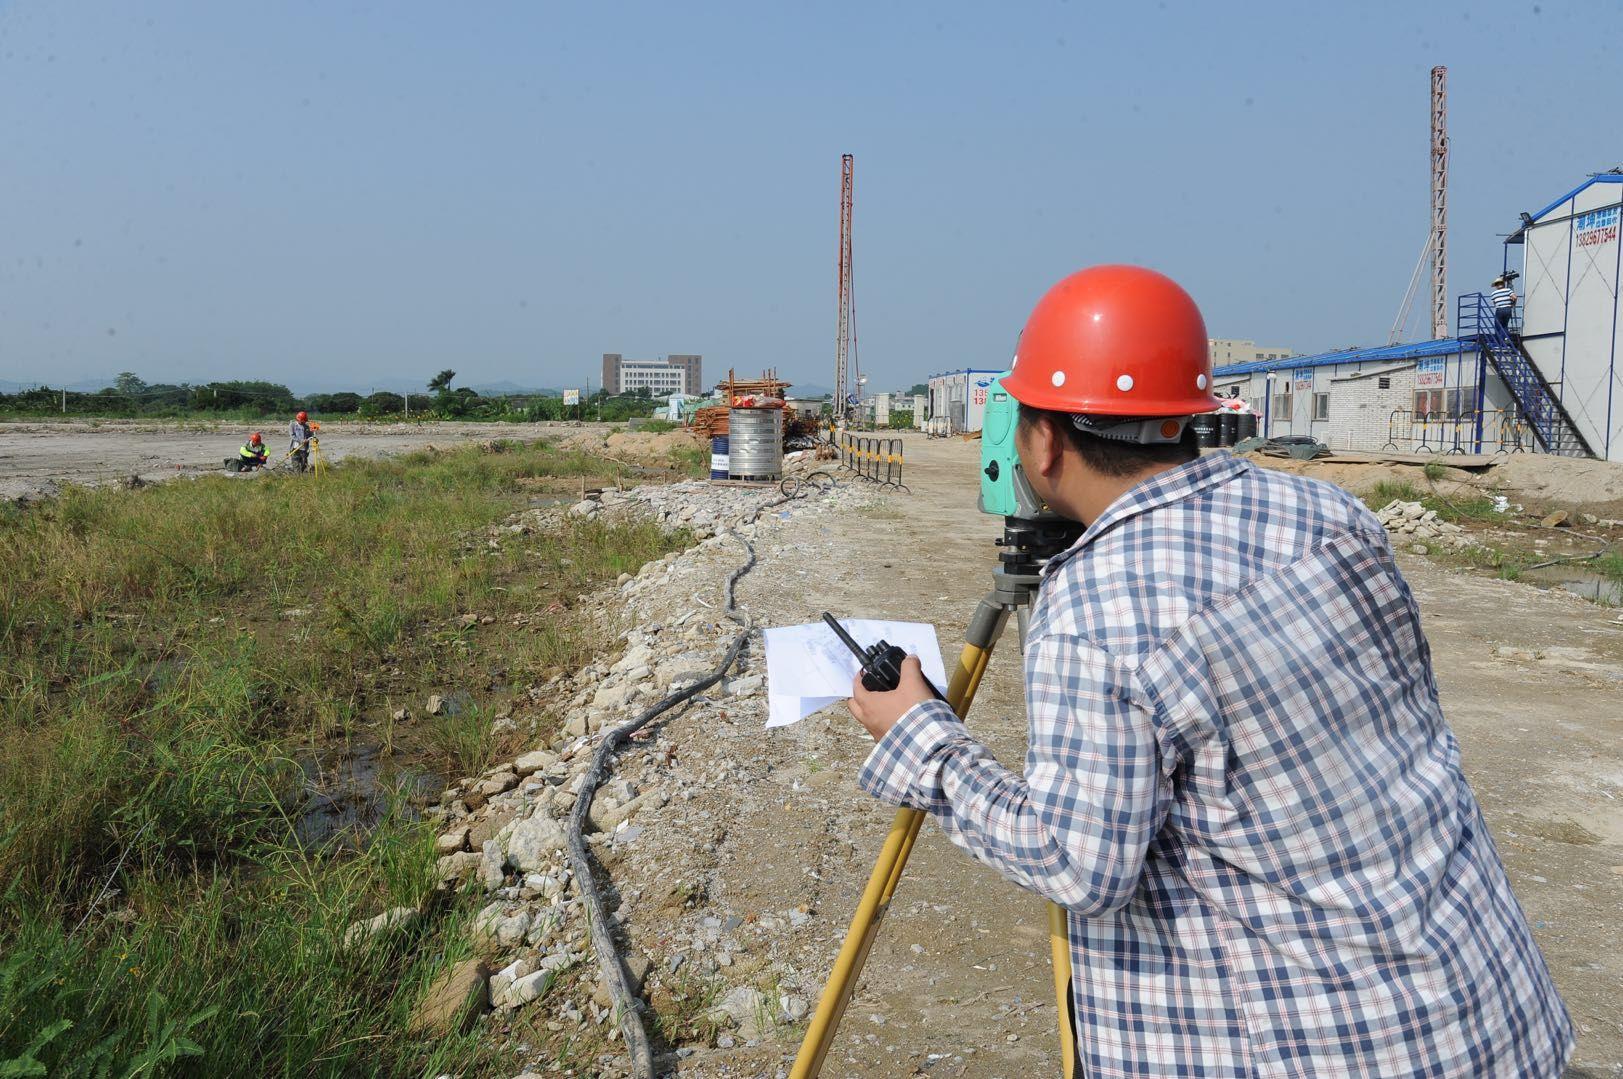 澄海区污水管网及污水处理设施建设将覆盖全区